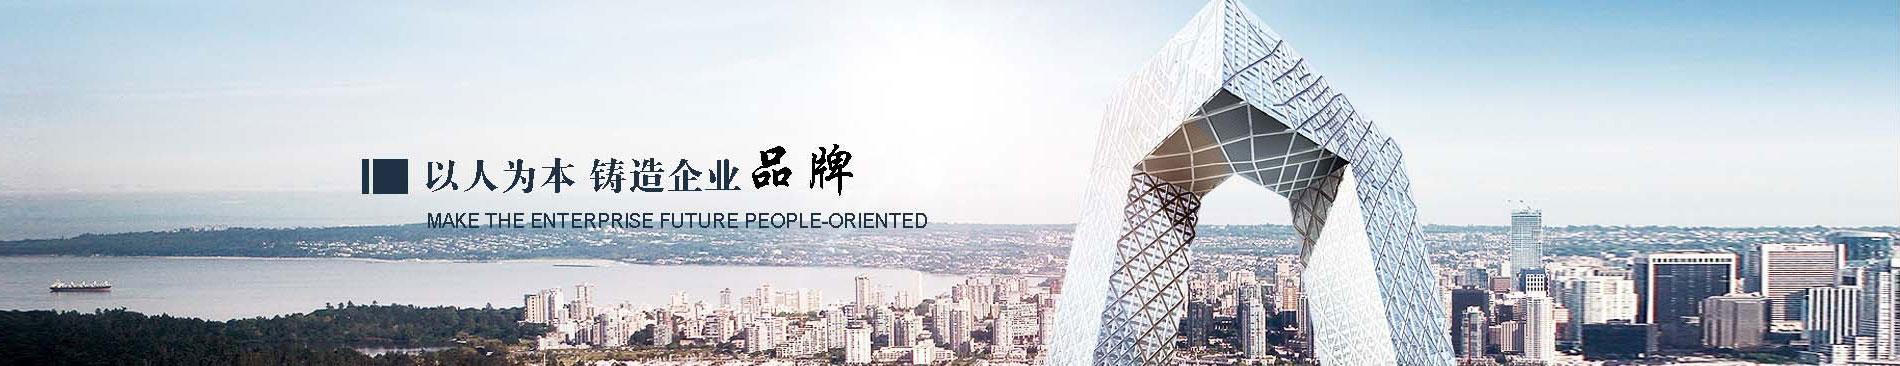 重庆天之悦地坪工程有限公司